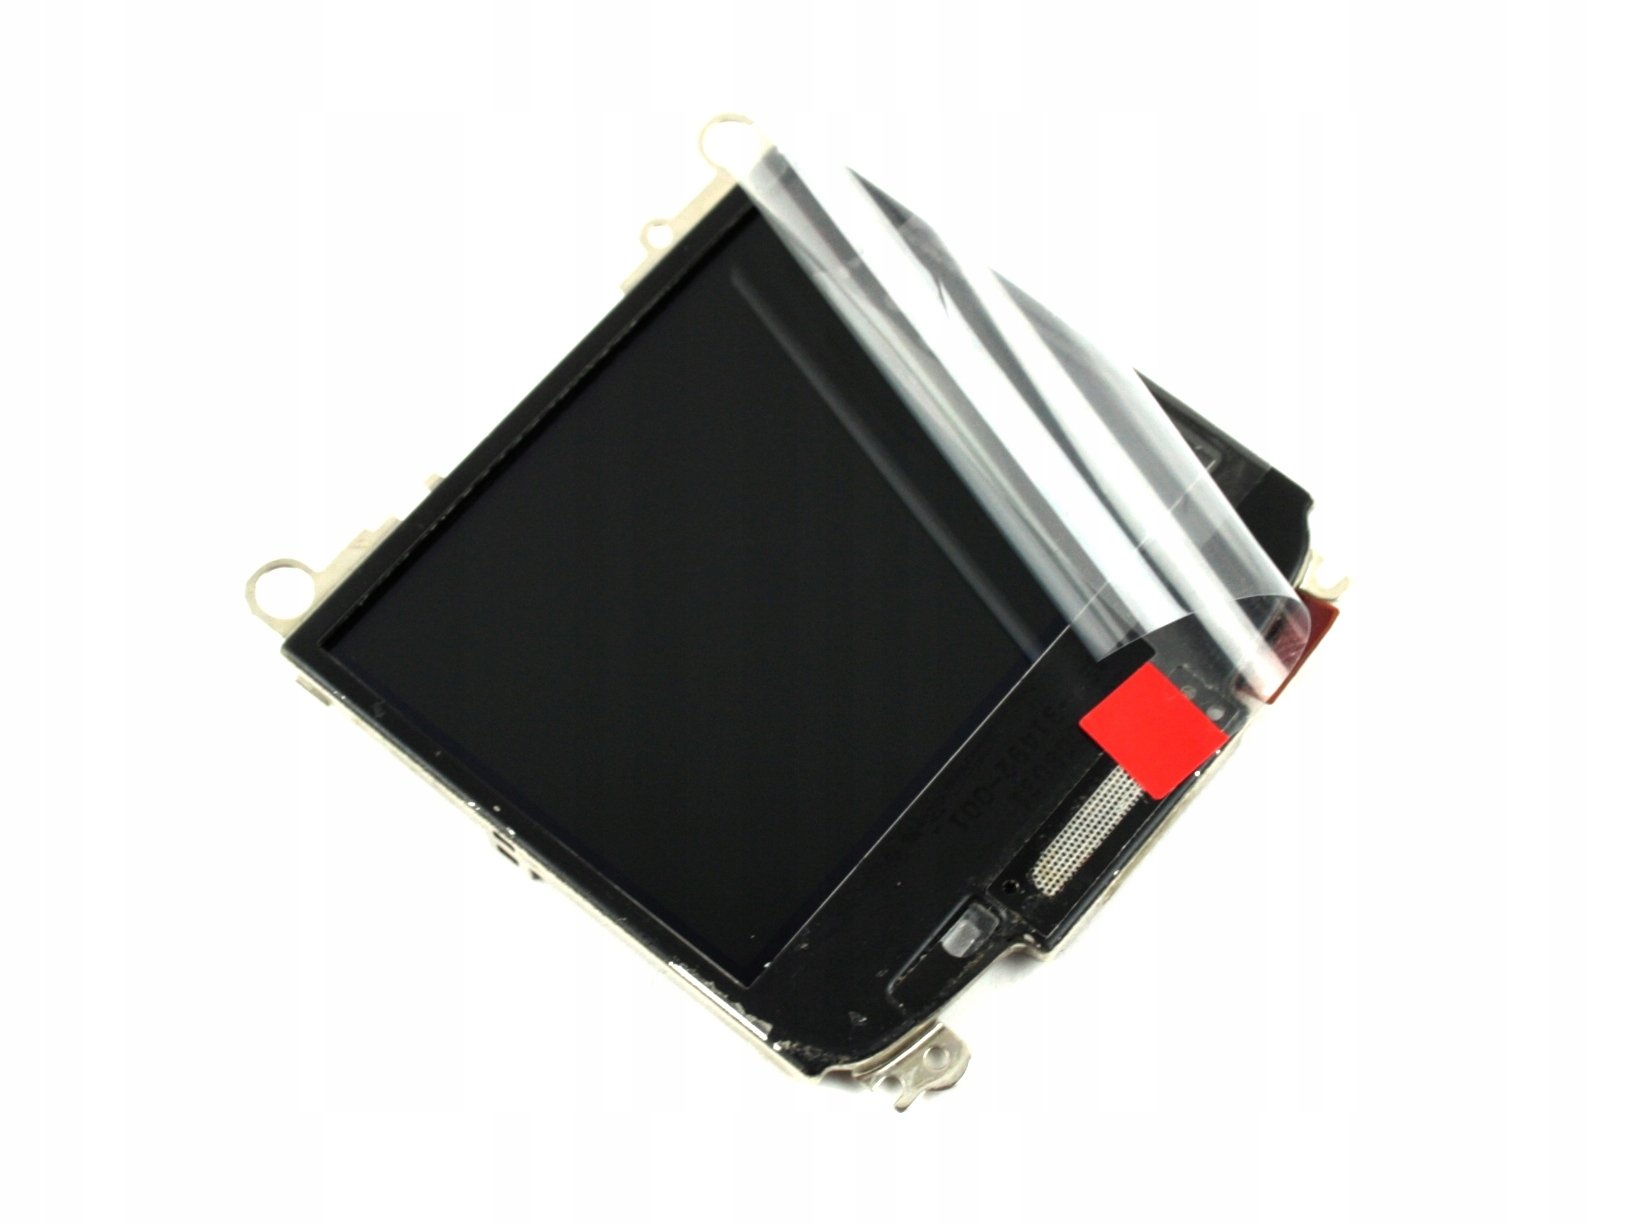 ORYGINALNY WYŚWIETLACZ LCD BLACKBERRY 8520 CURVE